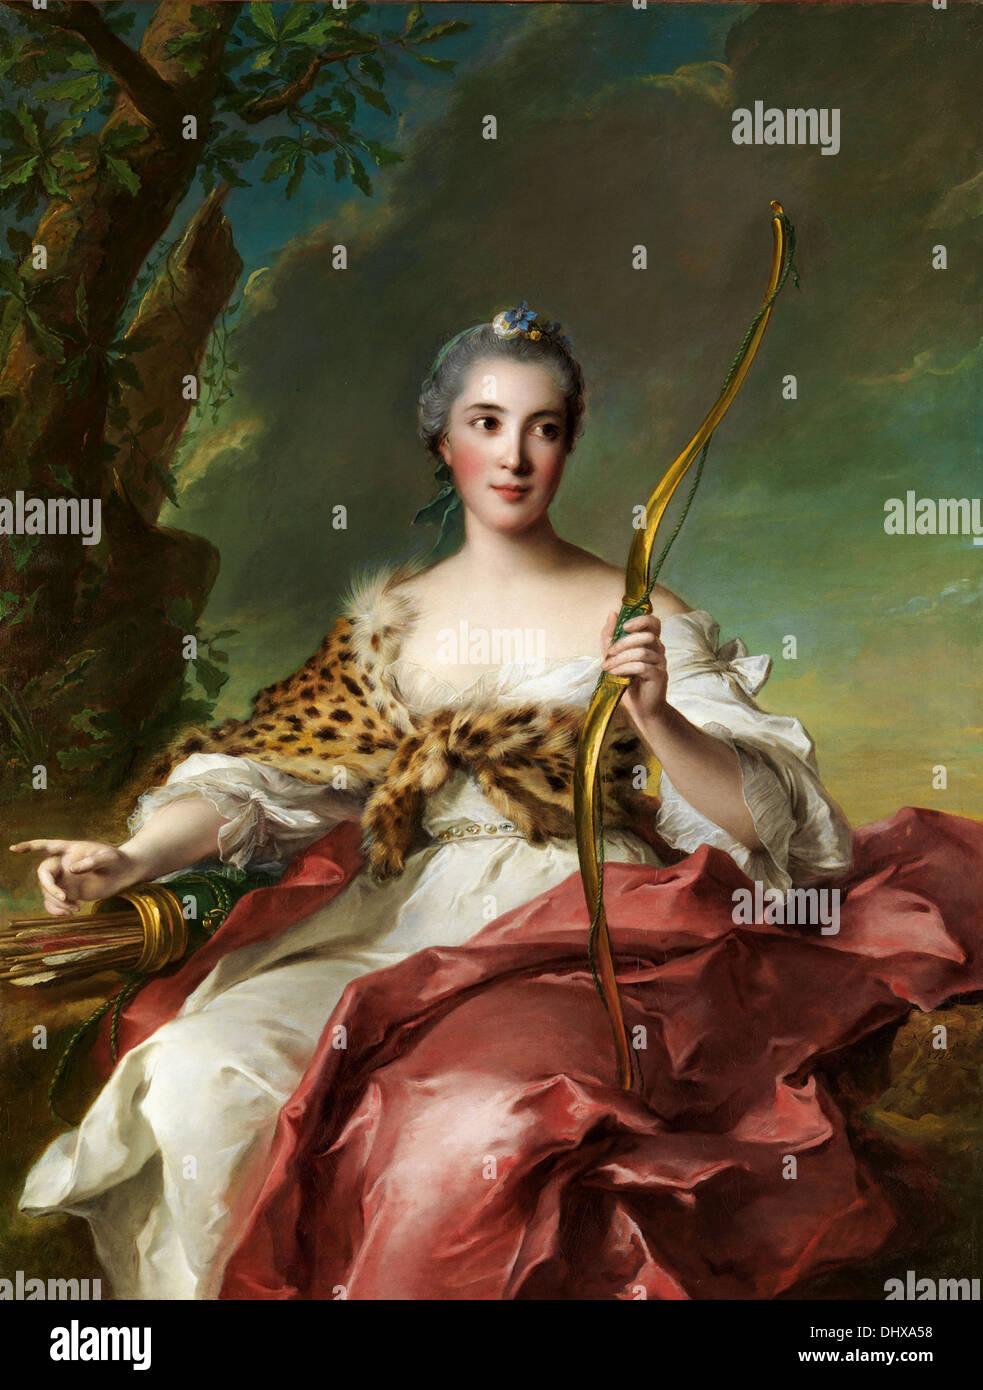 Madame de Maison-Rouge come Diana - da Jean Marc Nattier, 1756 Immagini Stock